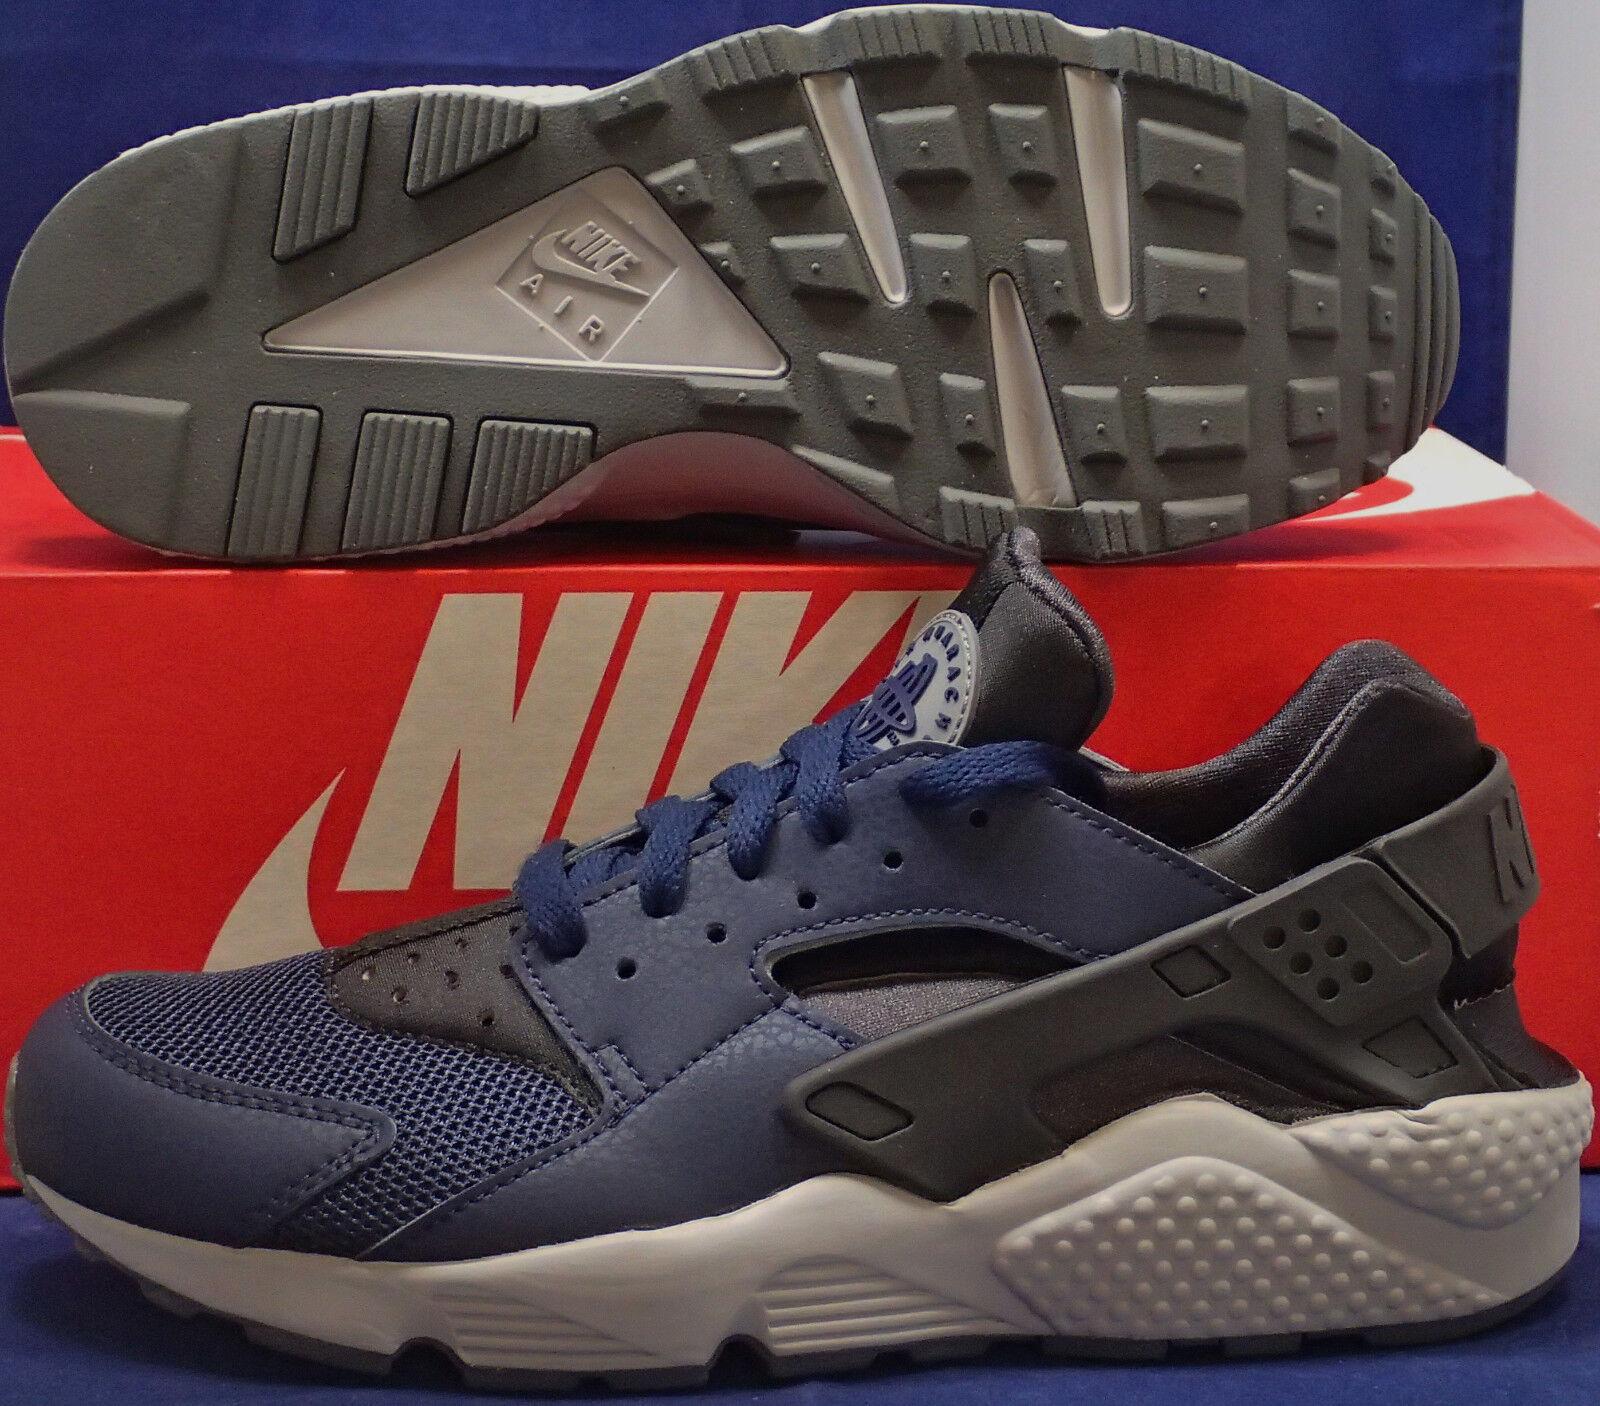 Nike Air huarache Run Midnight Navy Dark ash precio Cool Gris reducción de precio ash adf8db